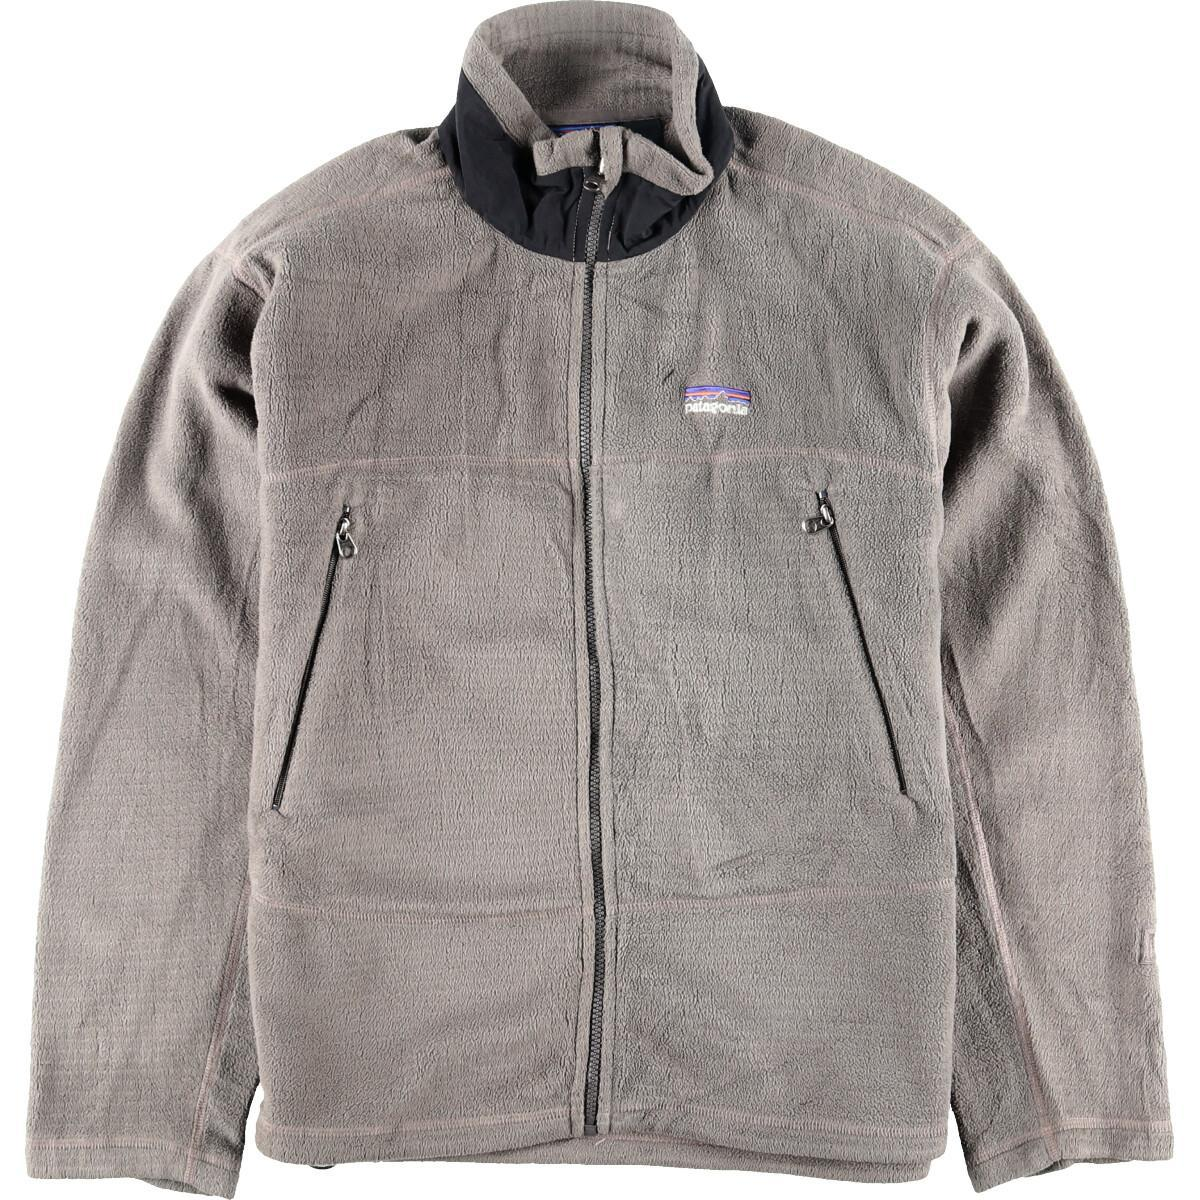 02年製 パタゴニア Patagonia レギュレーターR3 ラディアントジャケット 25301 フリースジャケット メンズM /wca002649 【中古】 【200109】【CS2001】